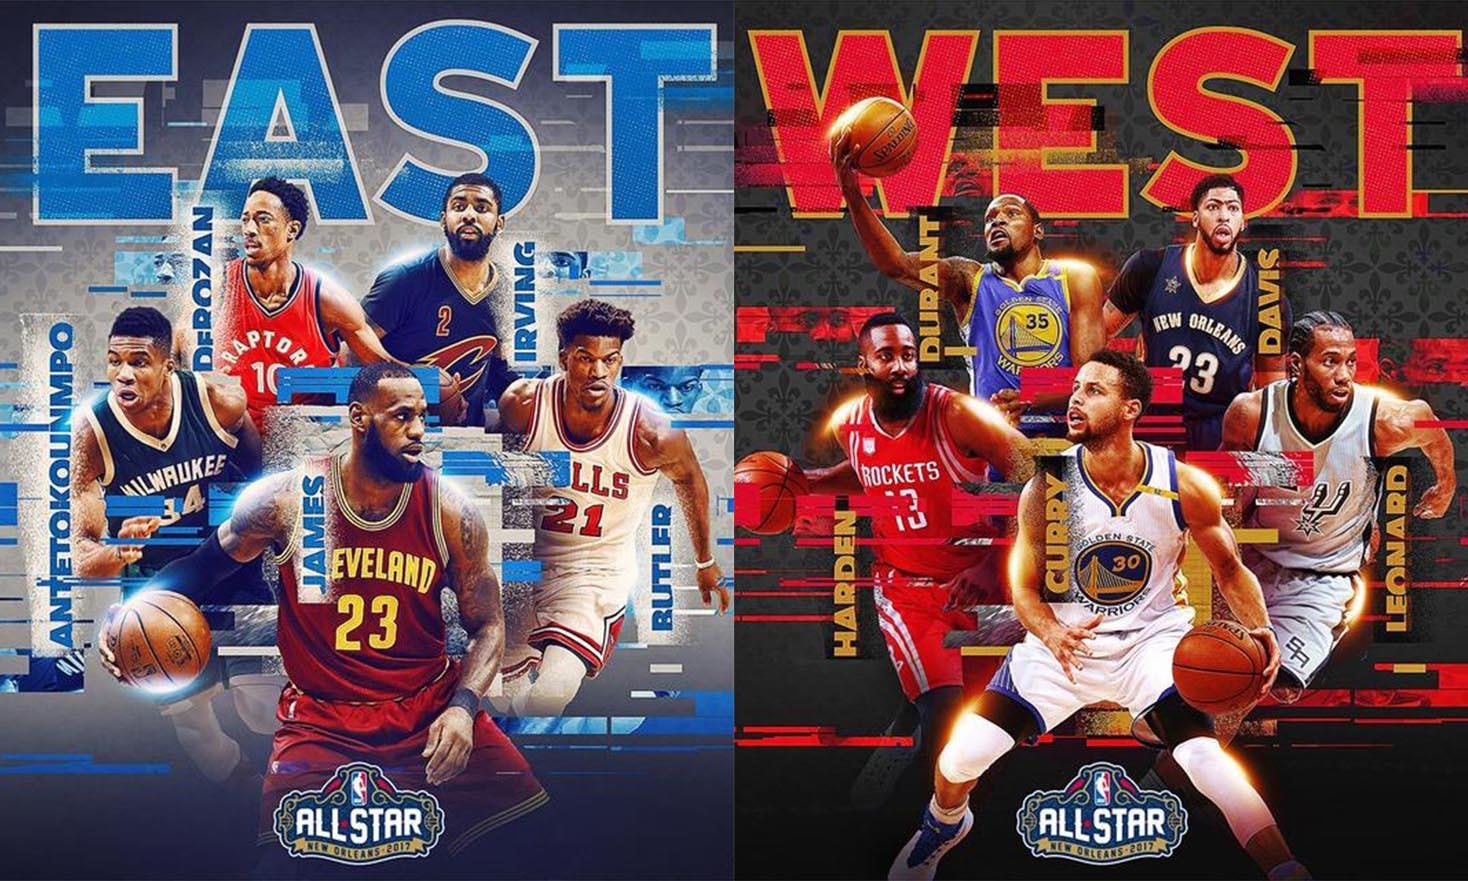 三双狂韦少竟然落选,NBA 2017 全明星赛首发阵容公布